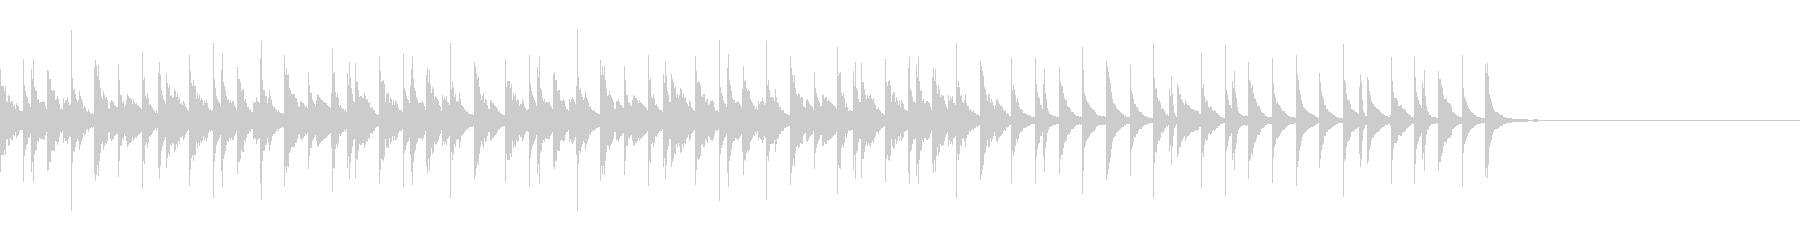 ニュース6(約30秒 ループ可)の未再生の波形